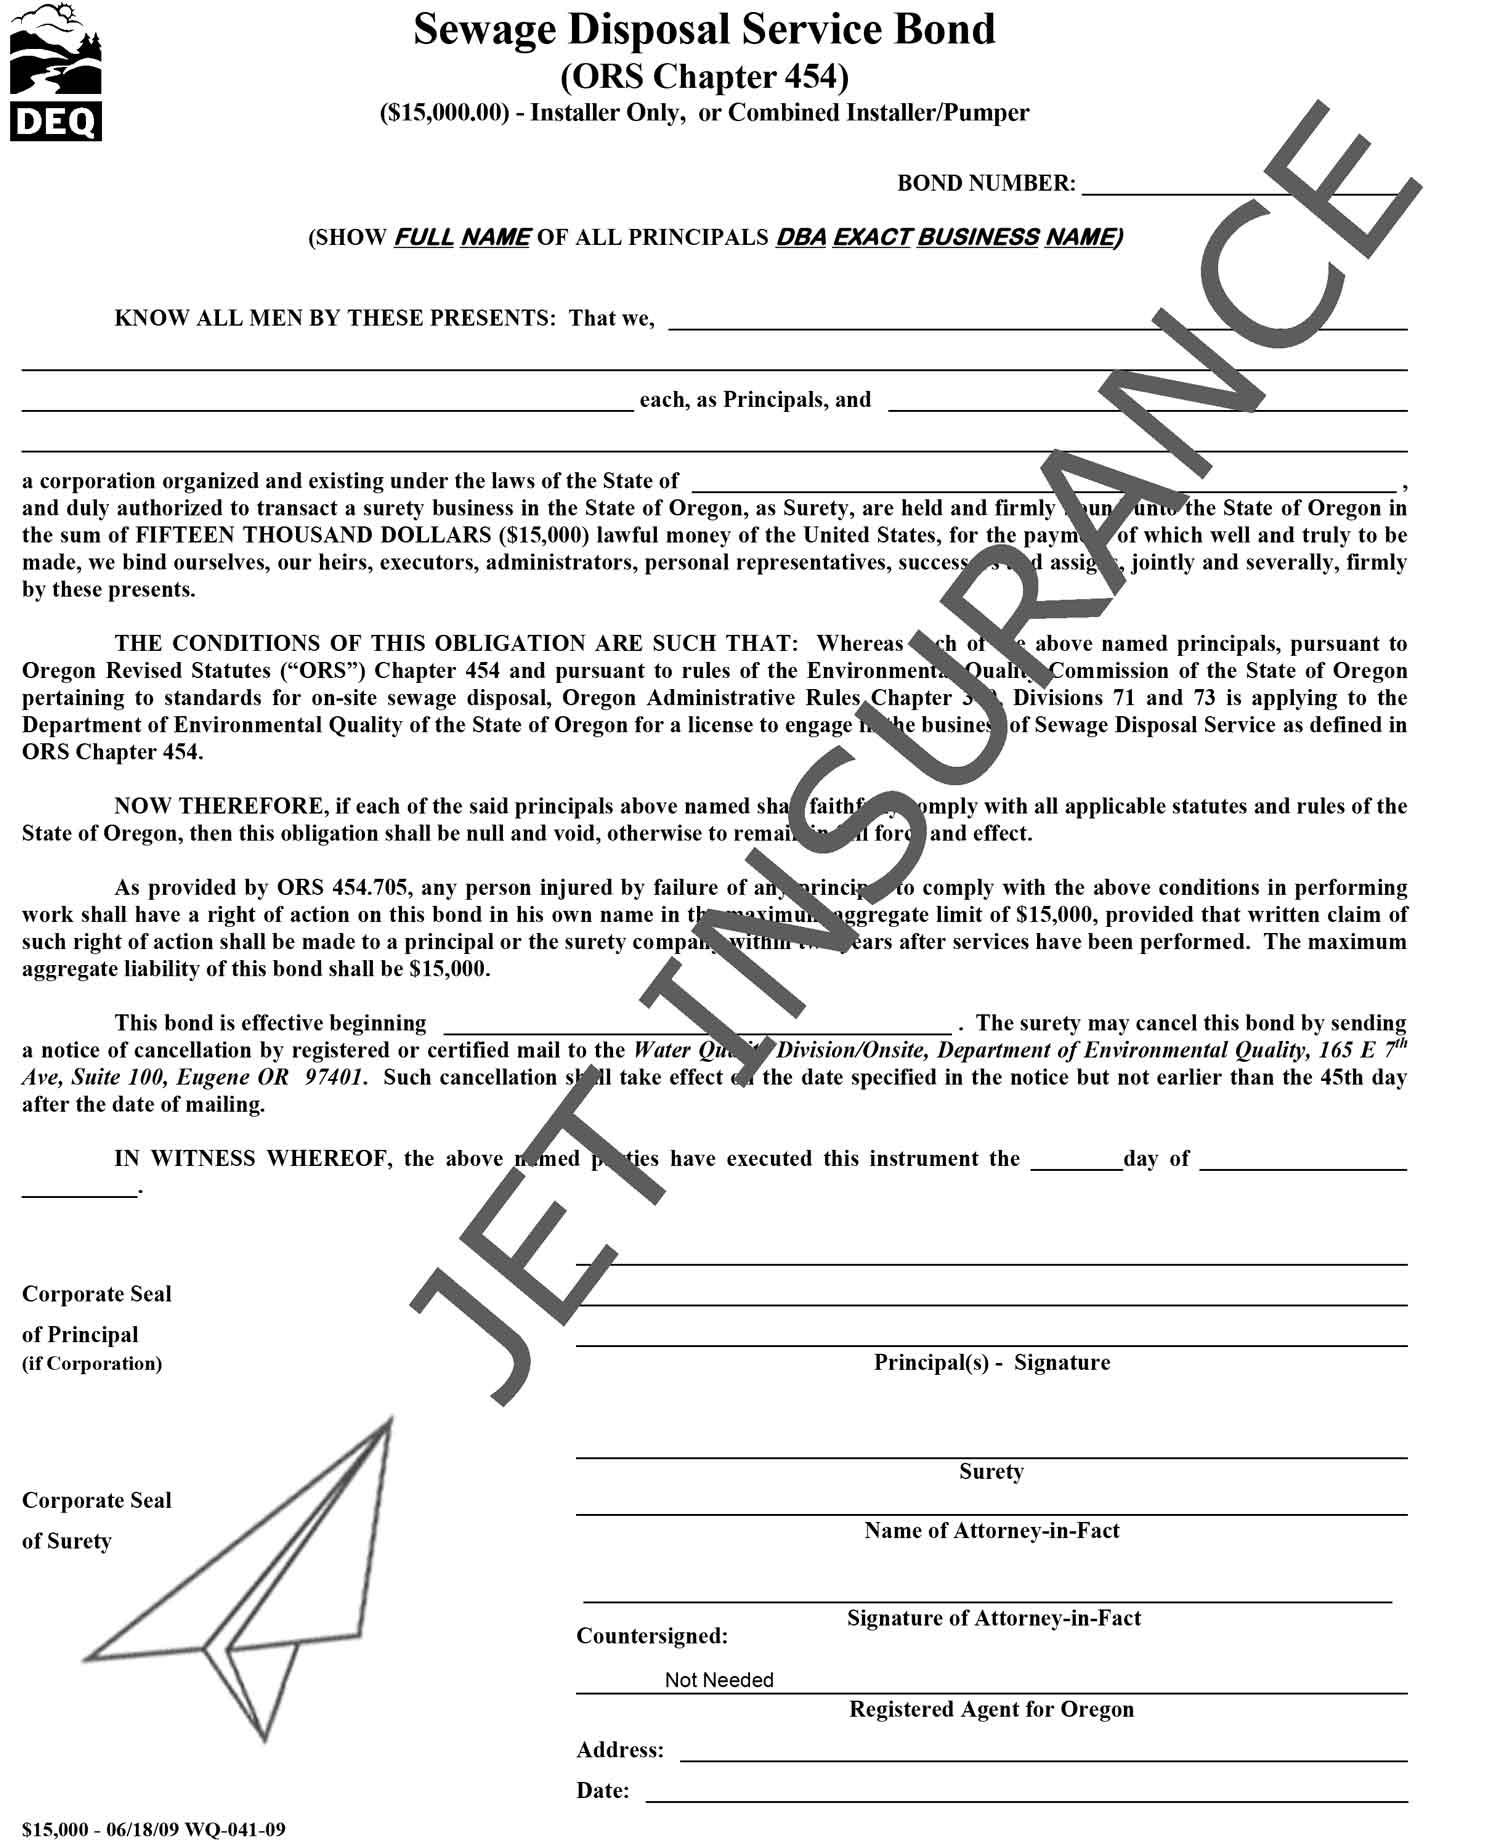 Oregon Sewage Disposal Service Installer Bond Form